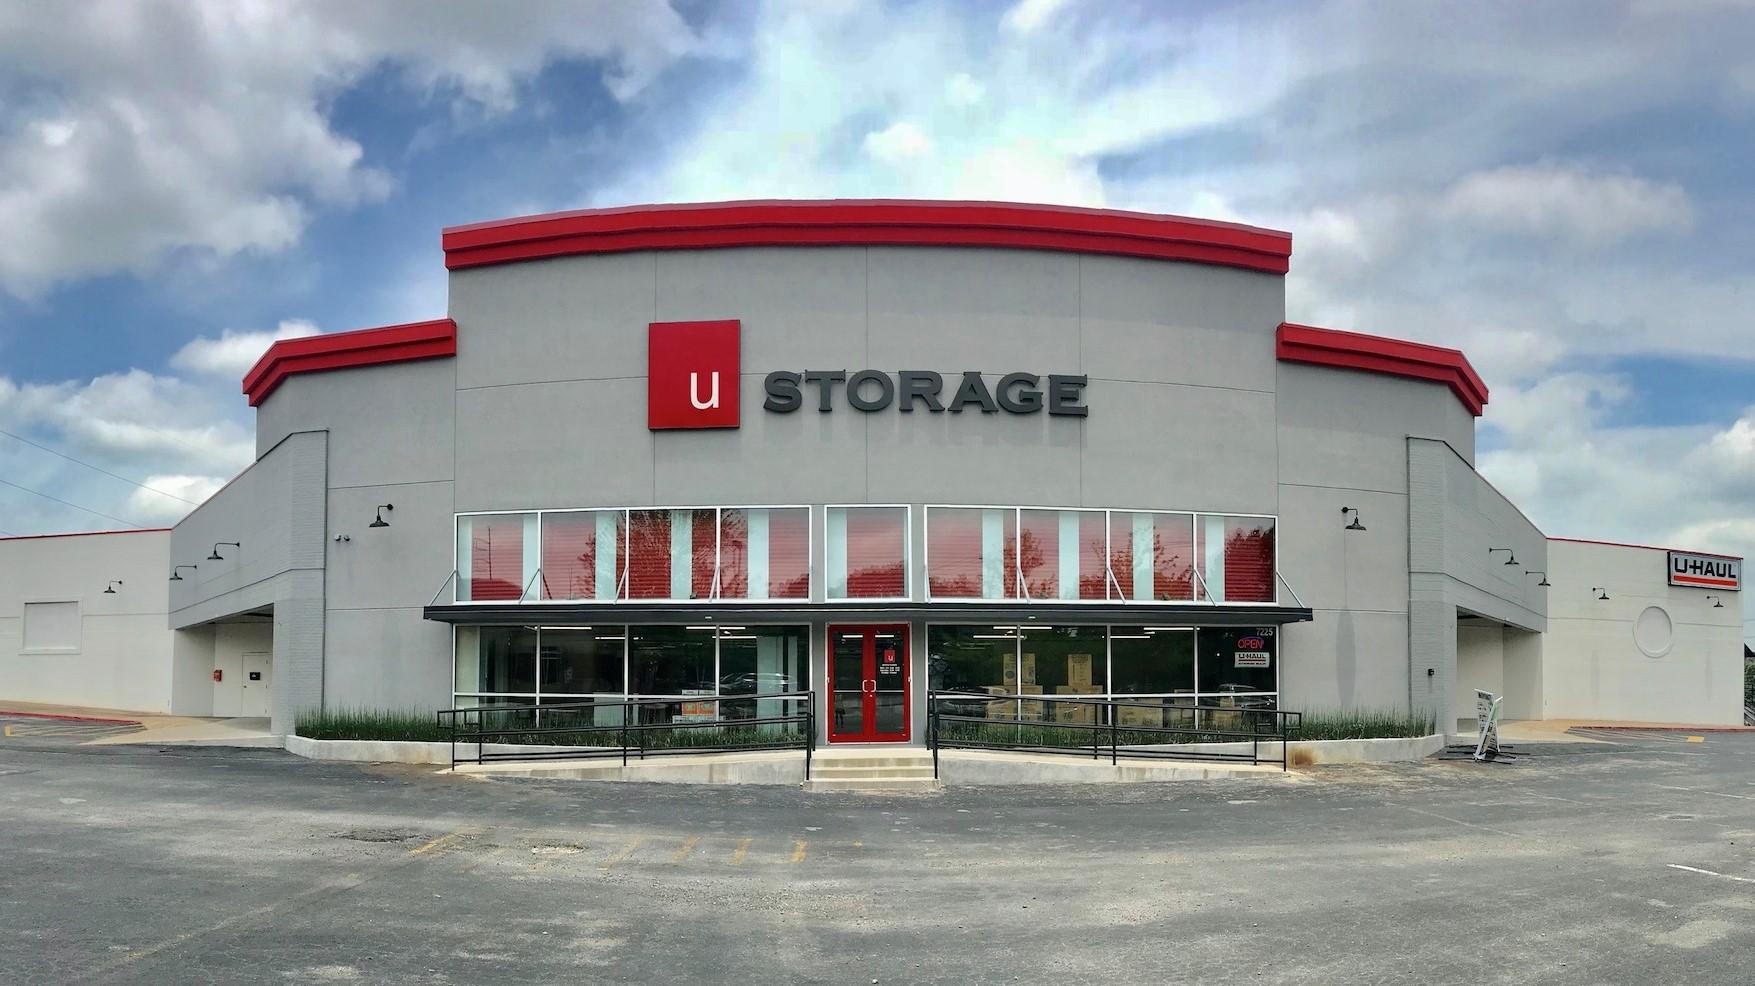 U Storage Self-Storage